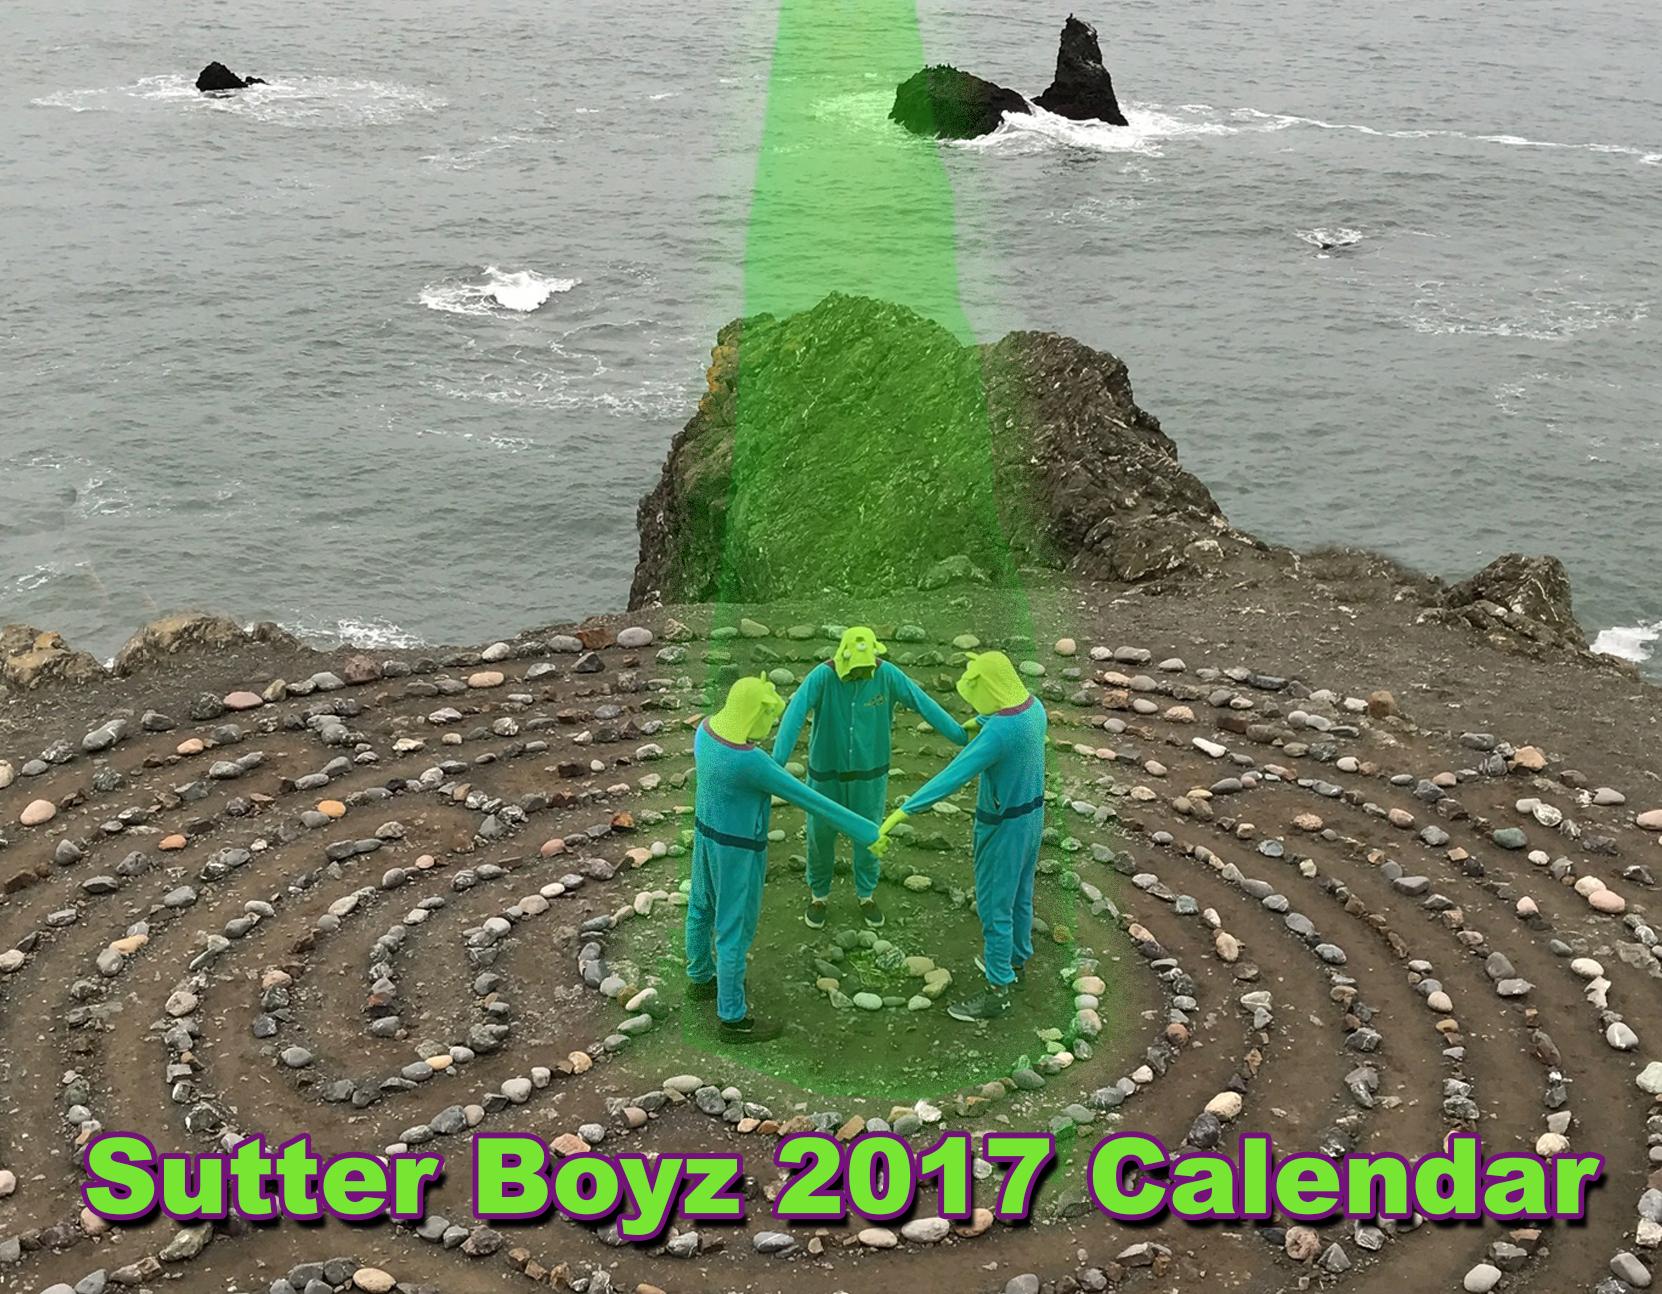 2017_calendar_cover.jpg